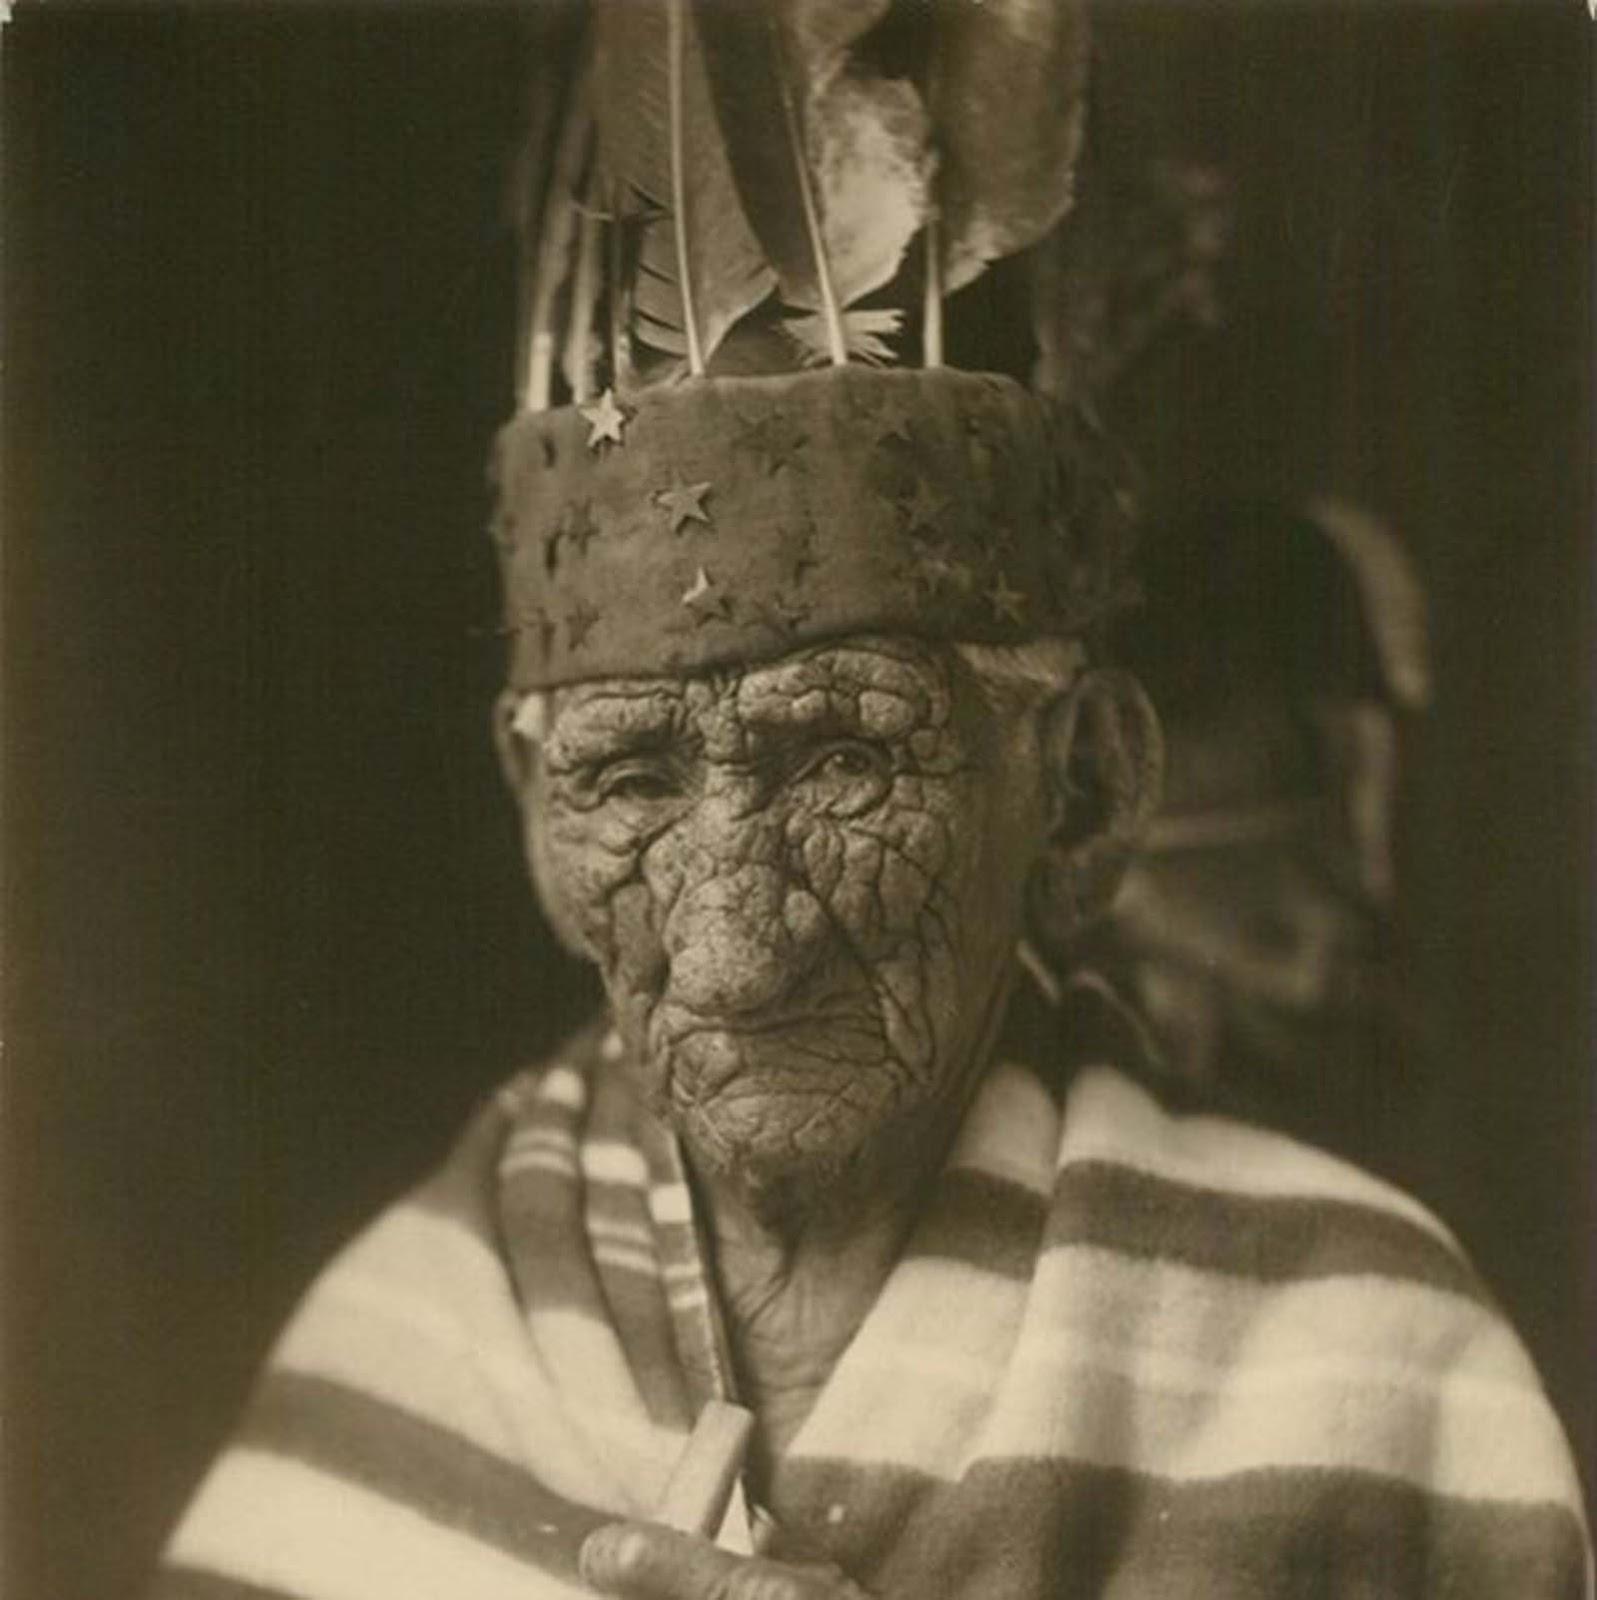 chief john smith 4 - Possivelmente estes senhores foram - A pessoa mais velha do mundo